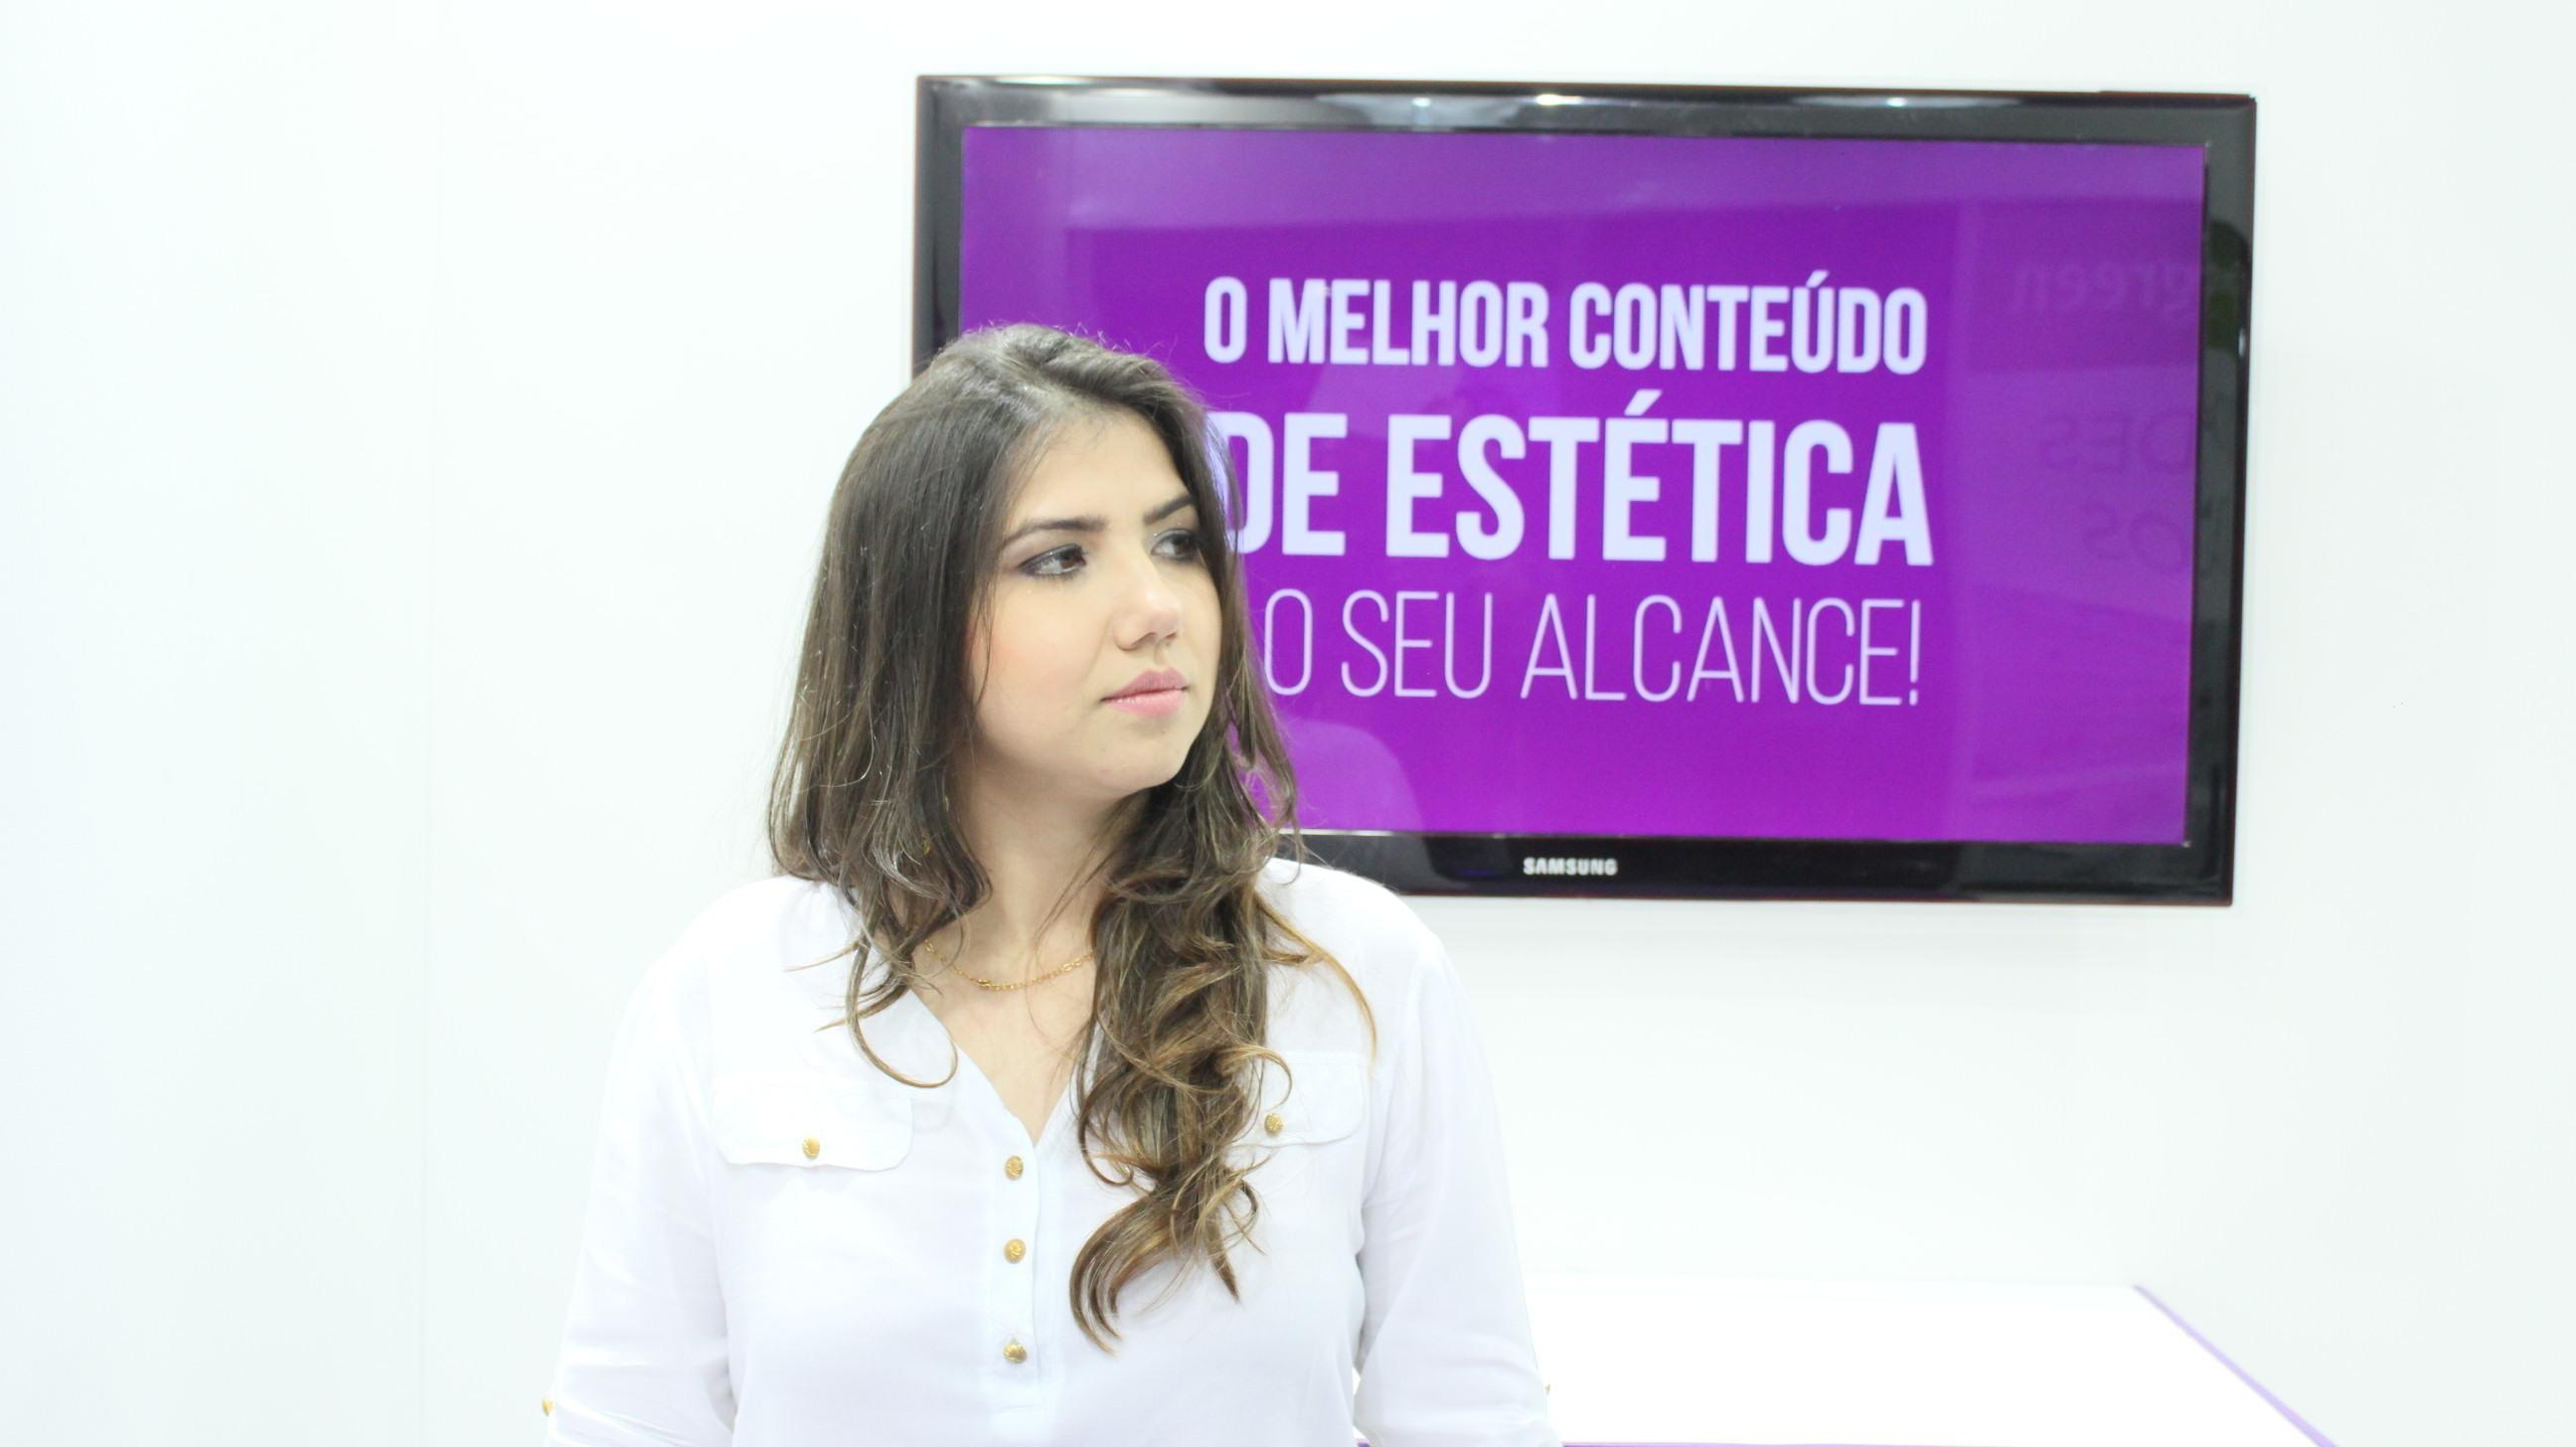 #estetica estética consultor(a) esteticista